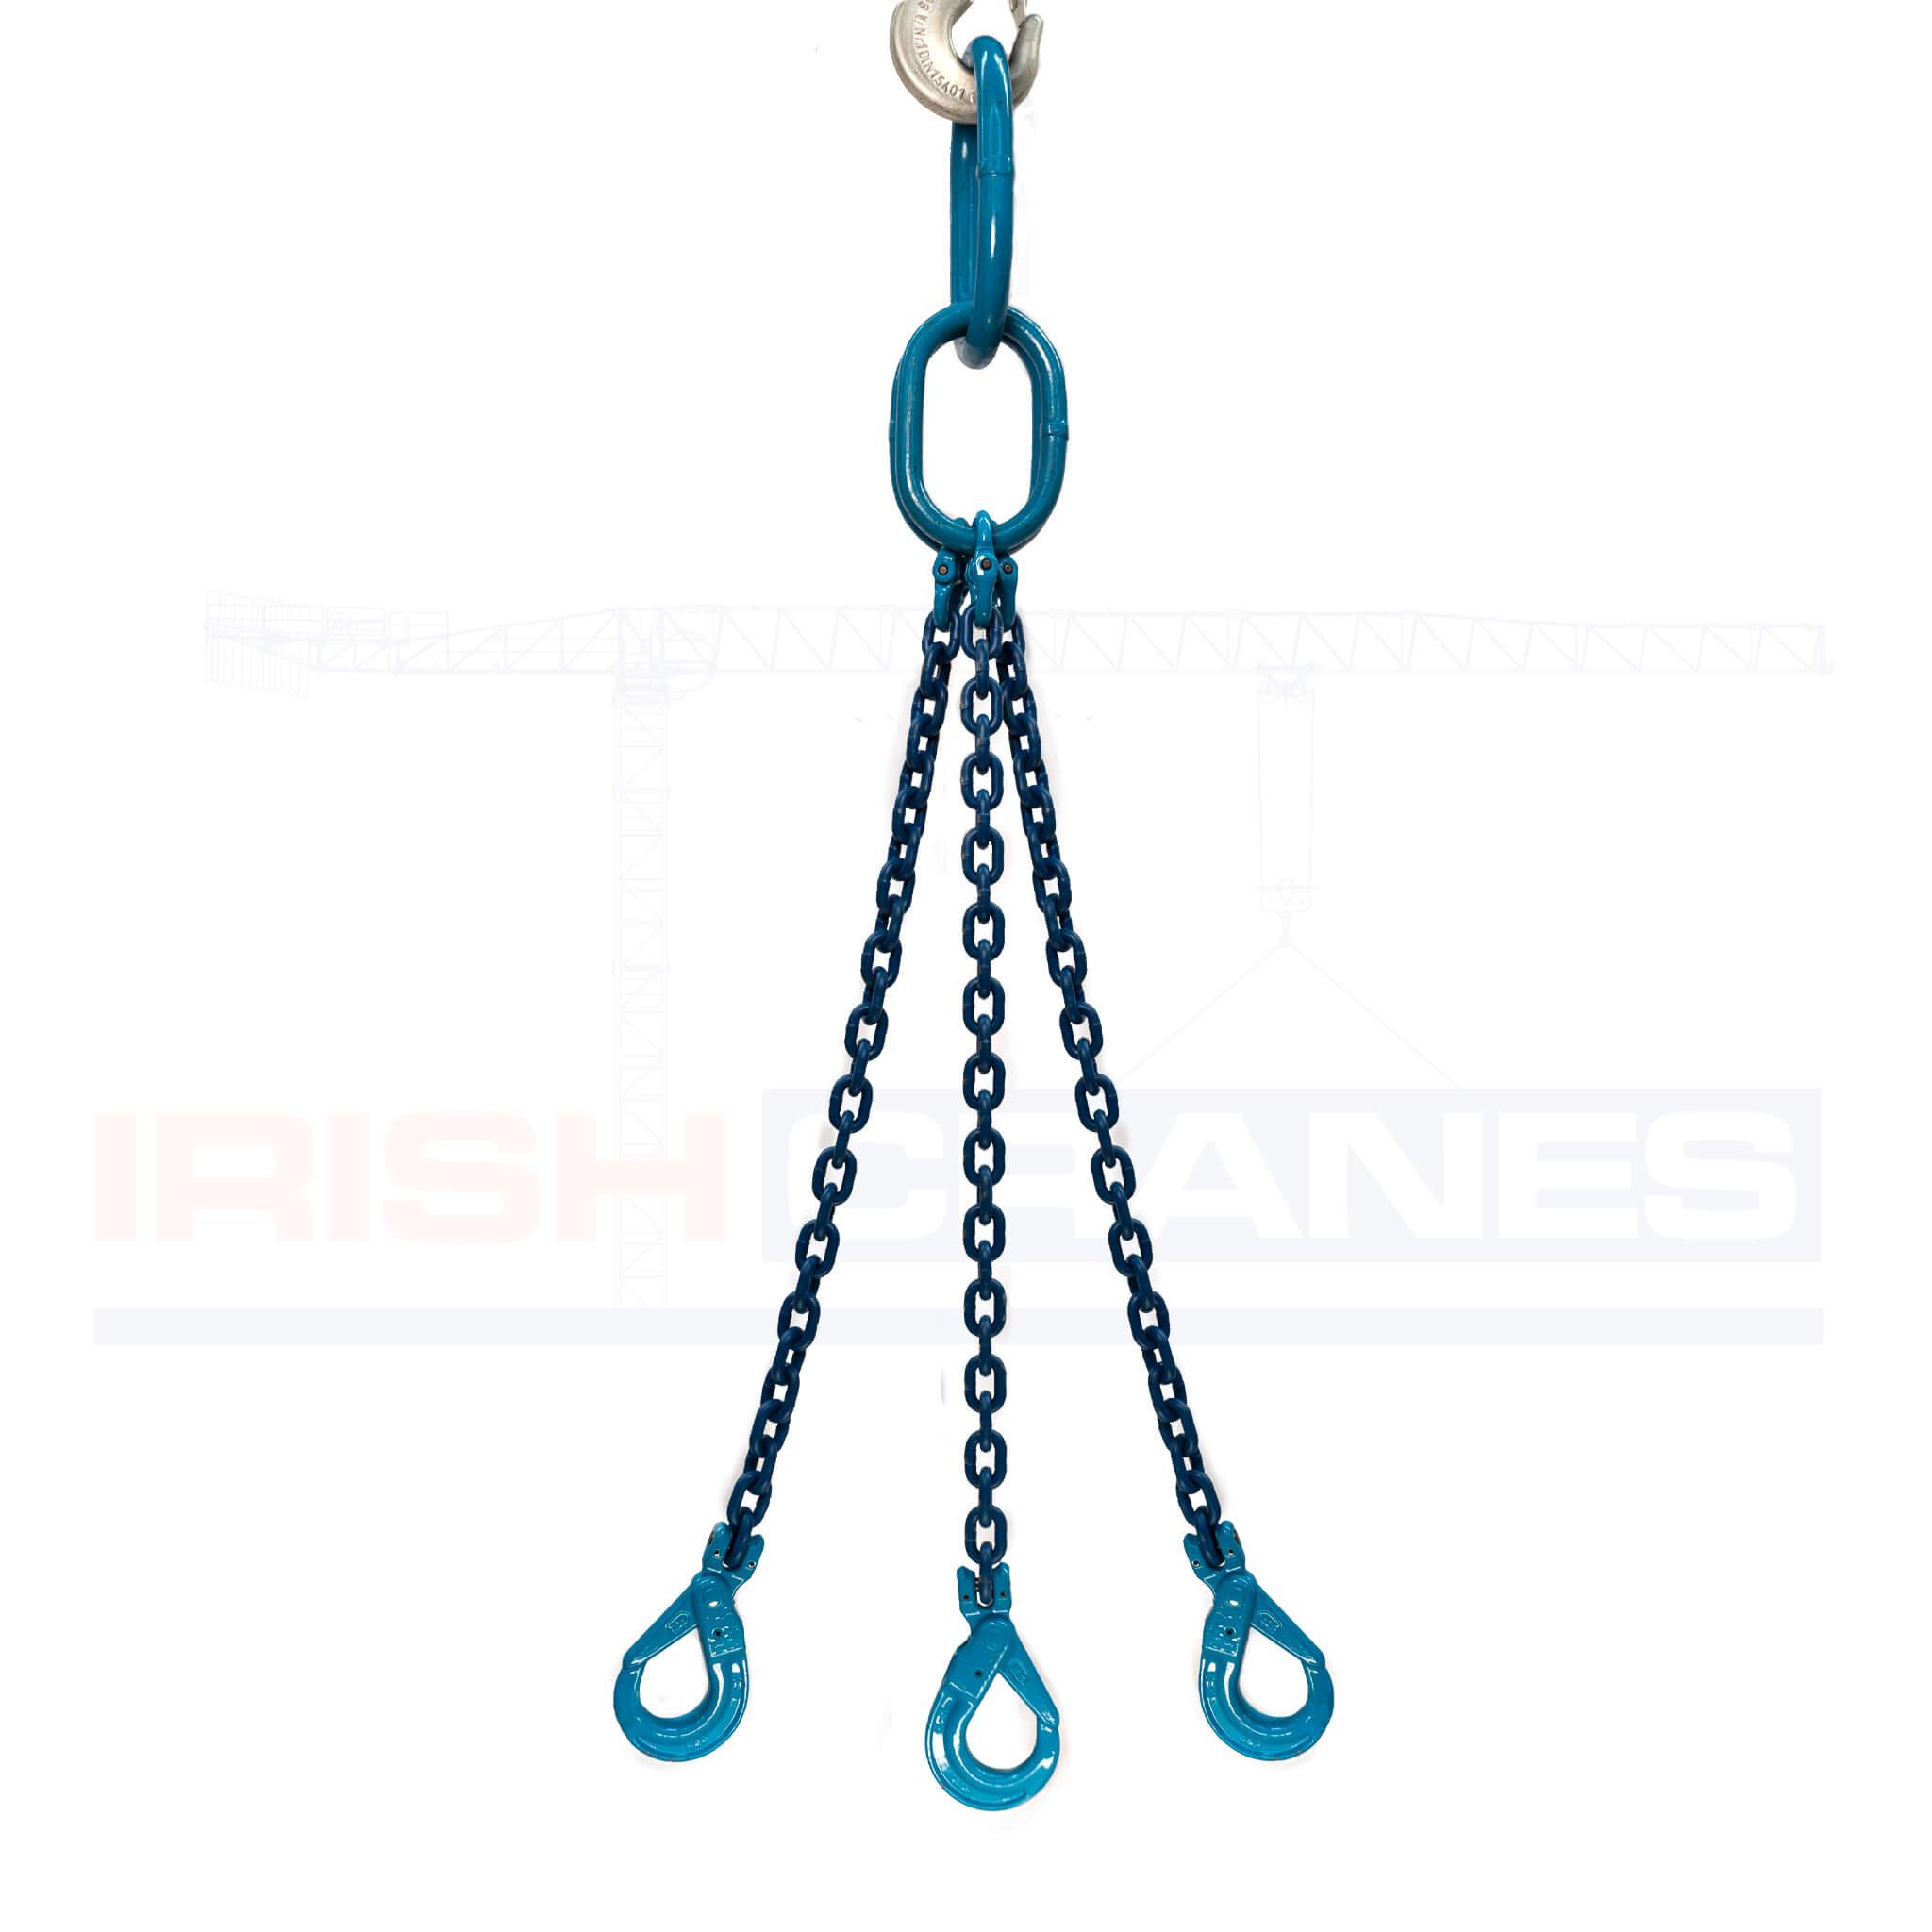 3 Leg Chain – Lifting Chain Sling